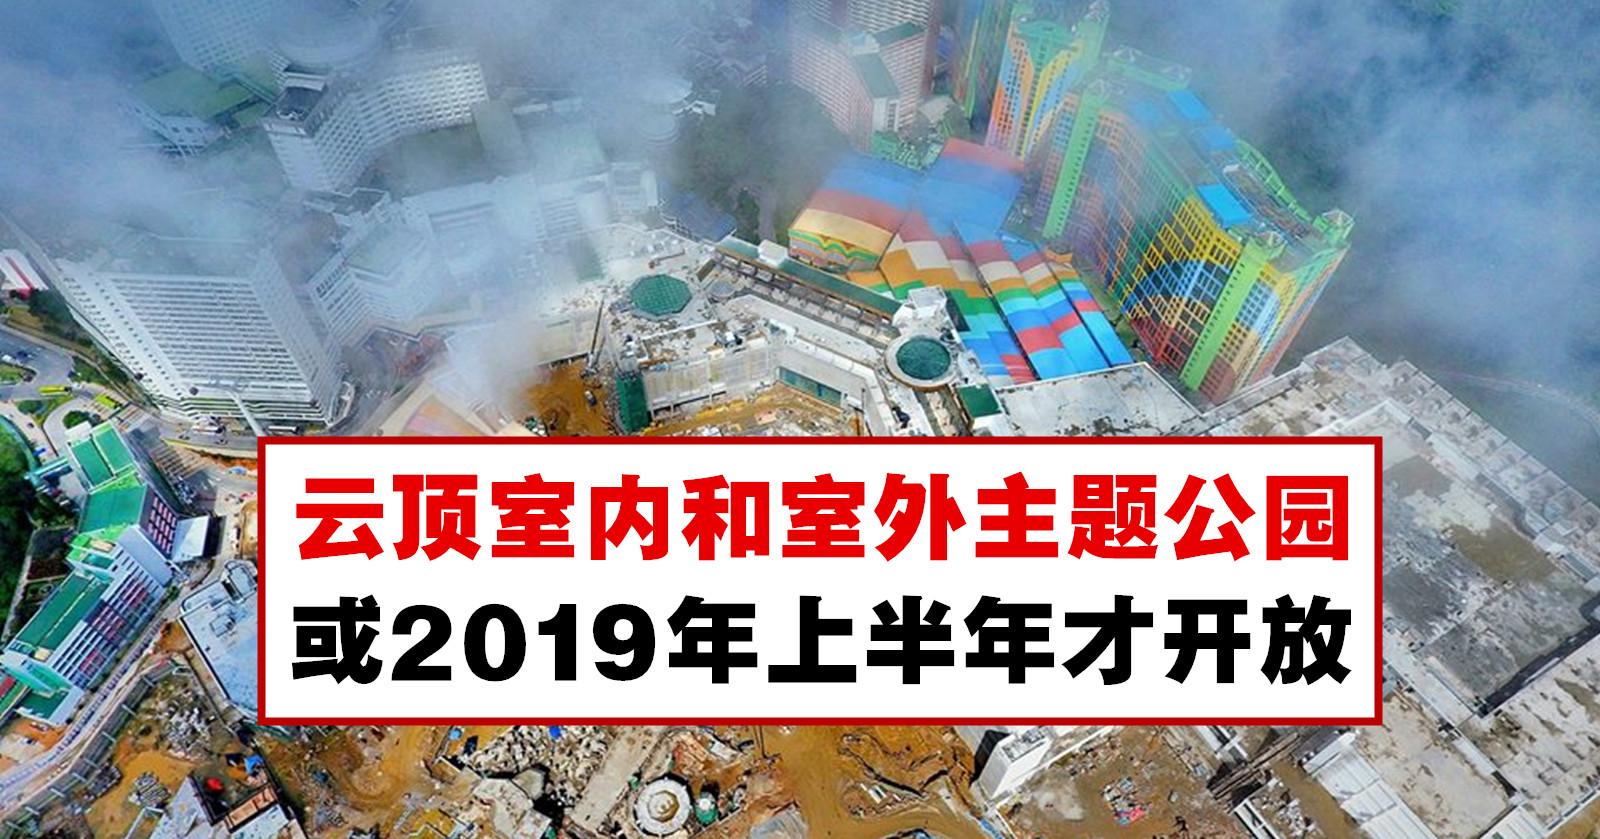 云顶主题公园或2019年才开放